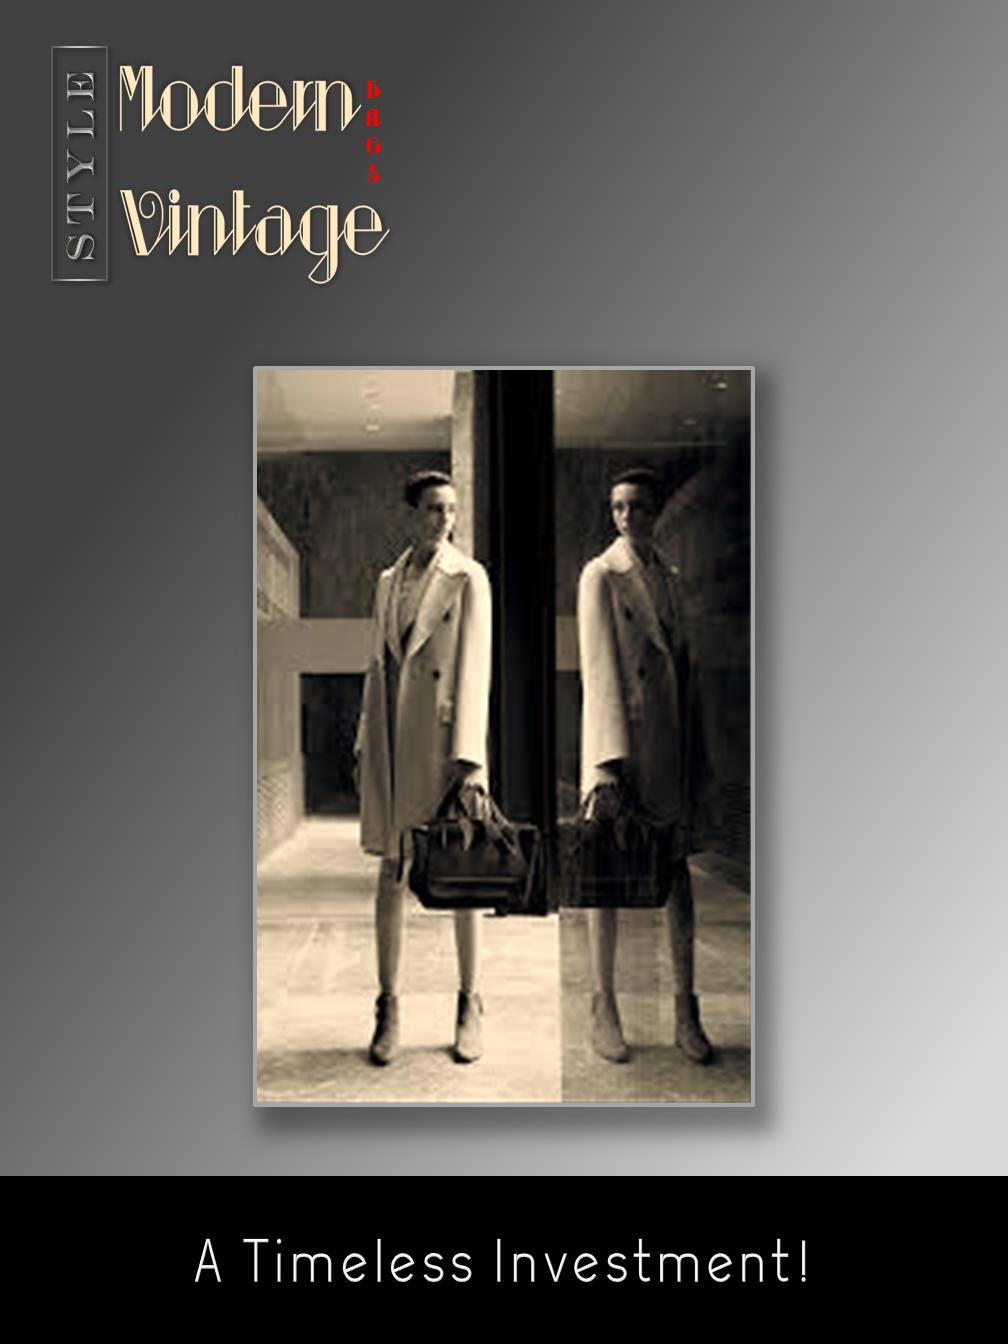 Vintage & Modern